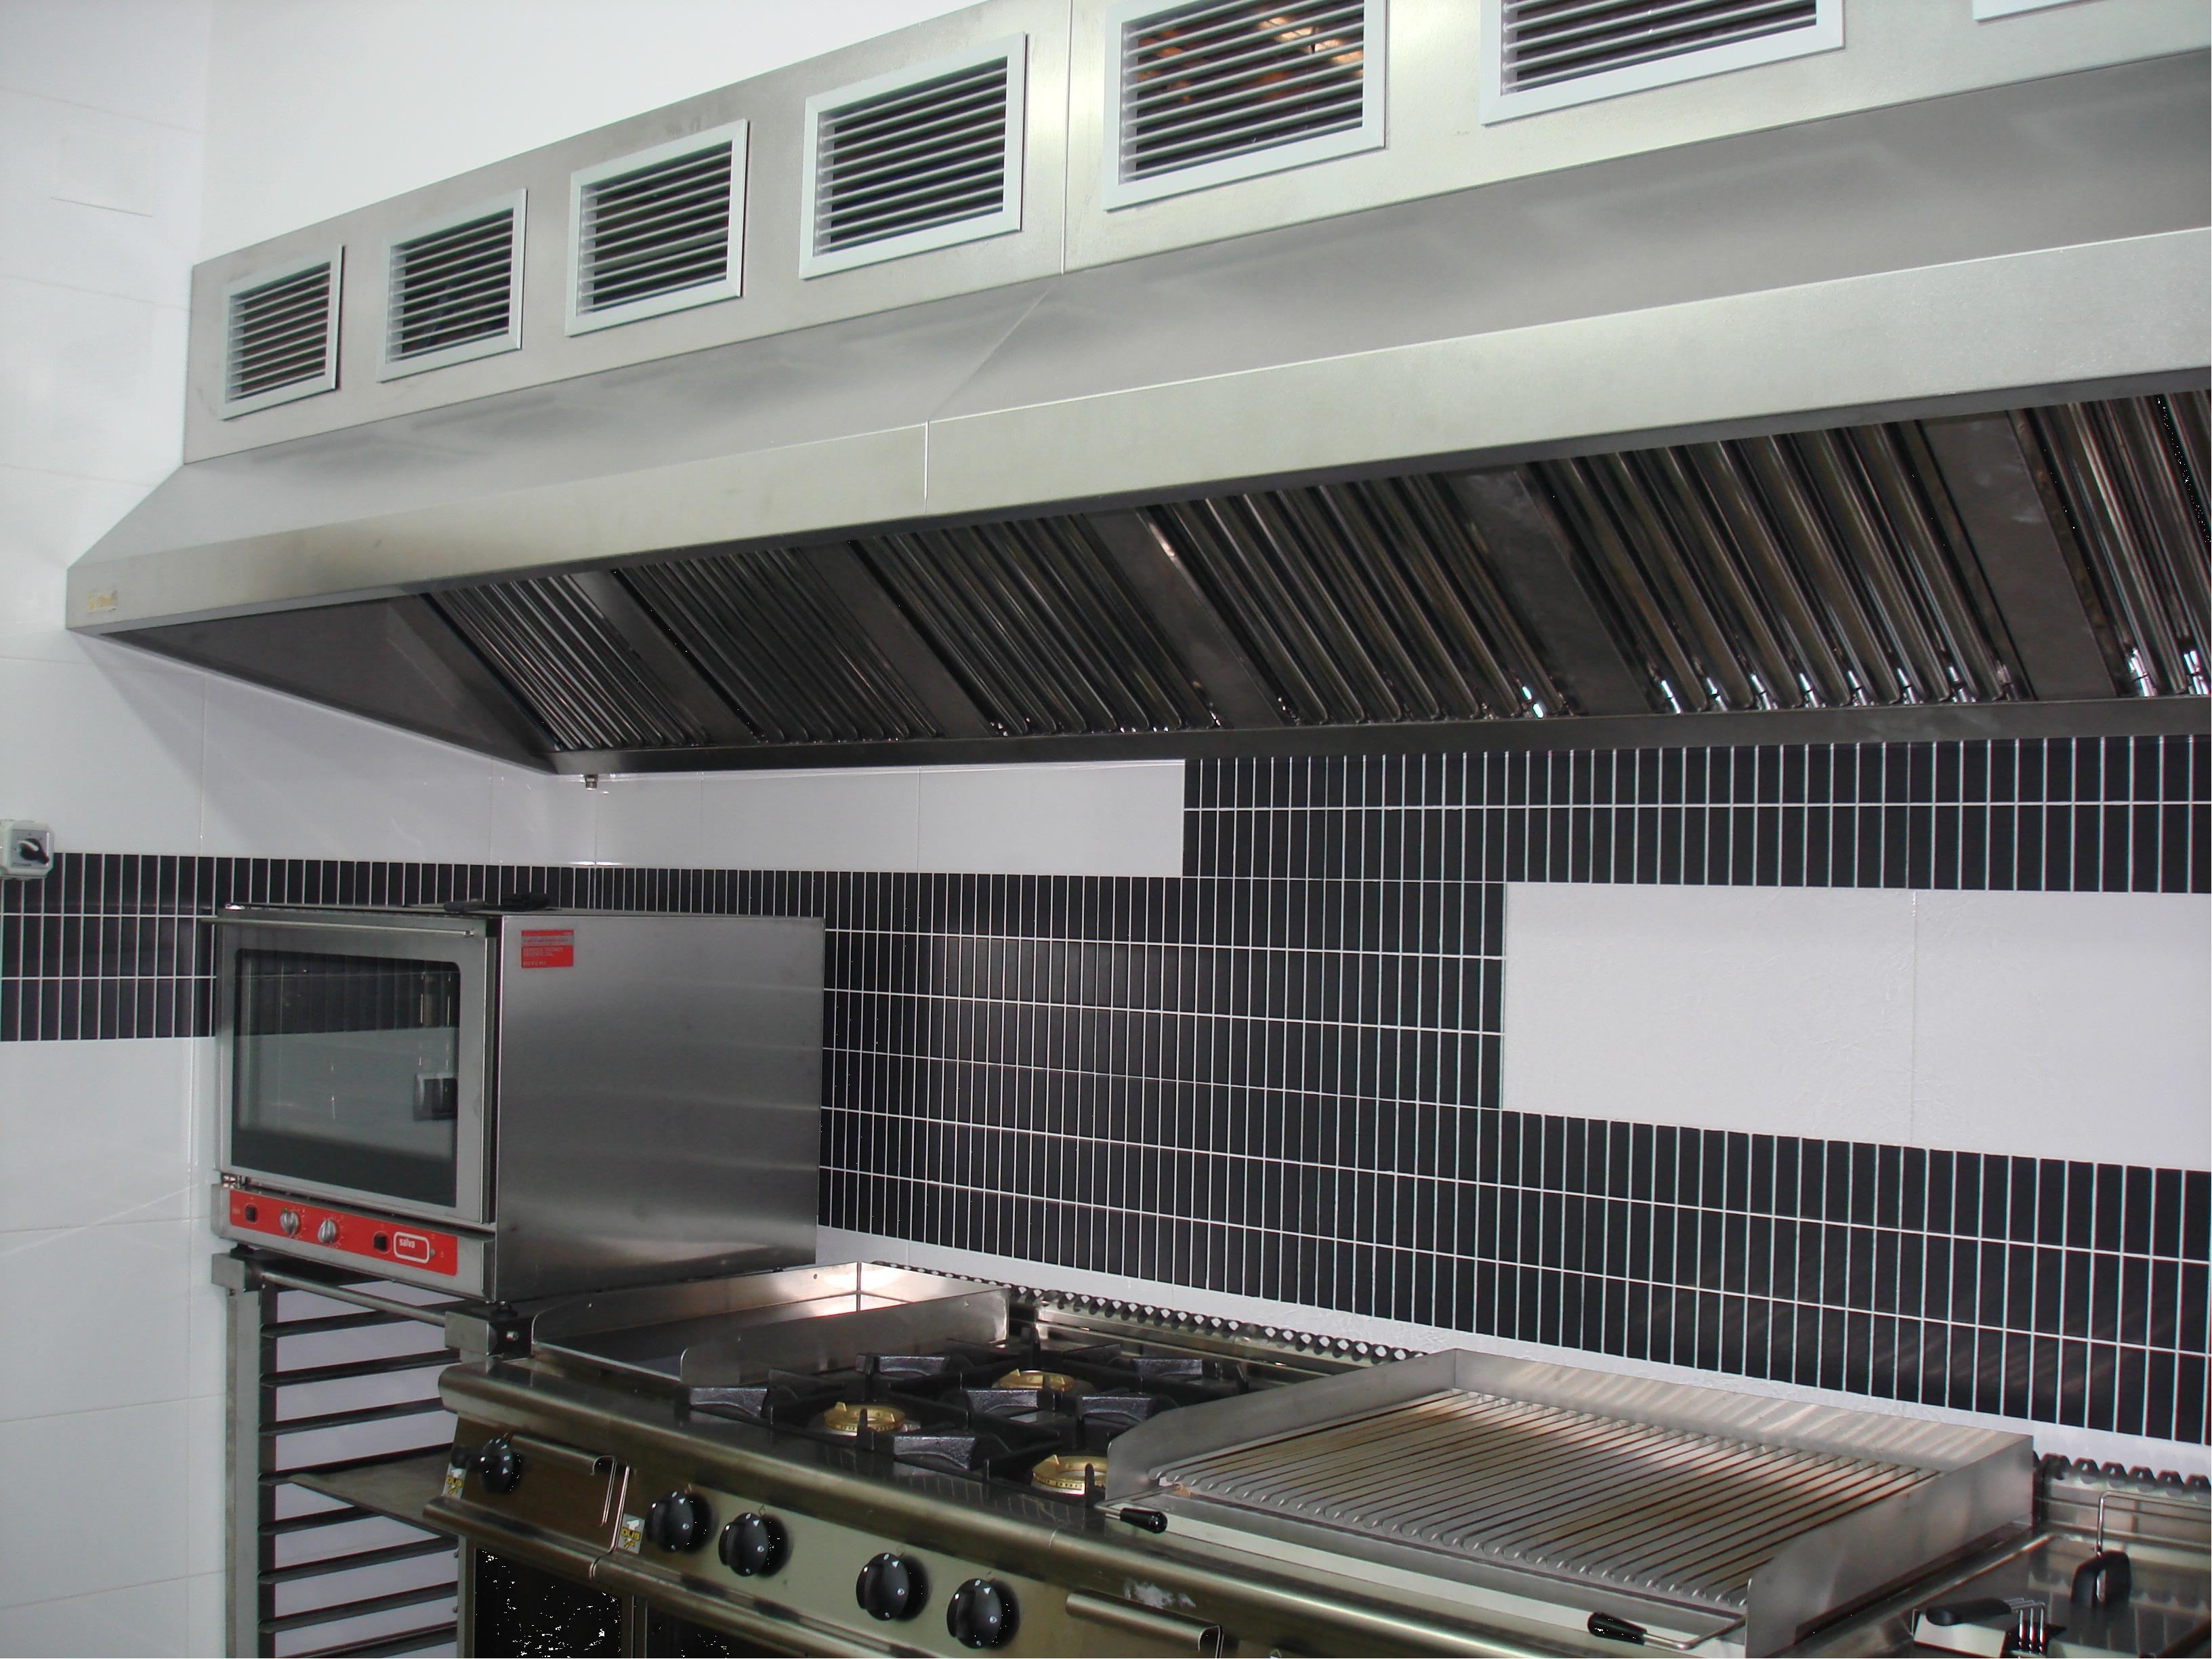 Campanas extractoras industriales hosteler a filtresa for Cocinas hosteleria